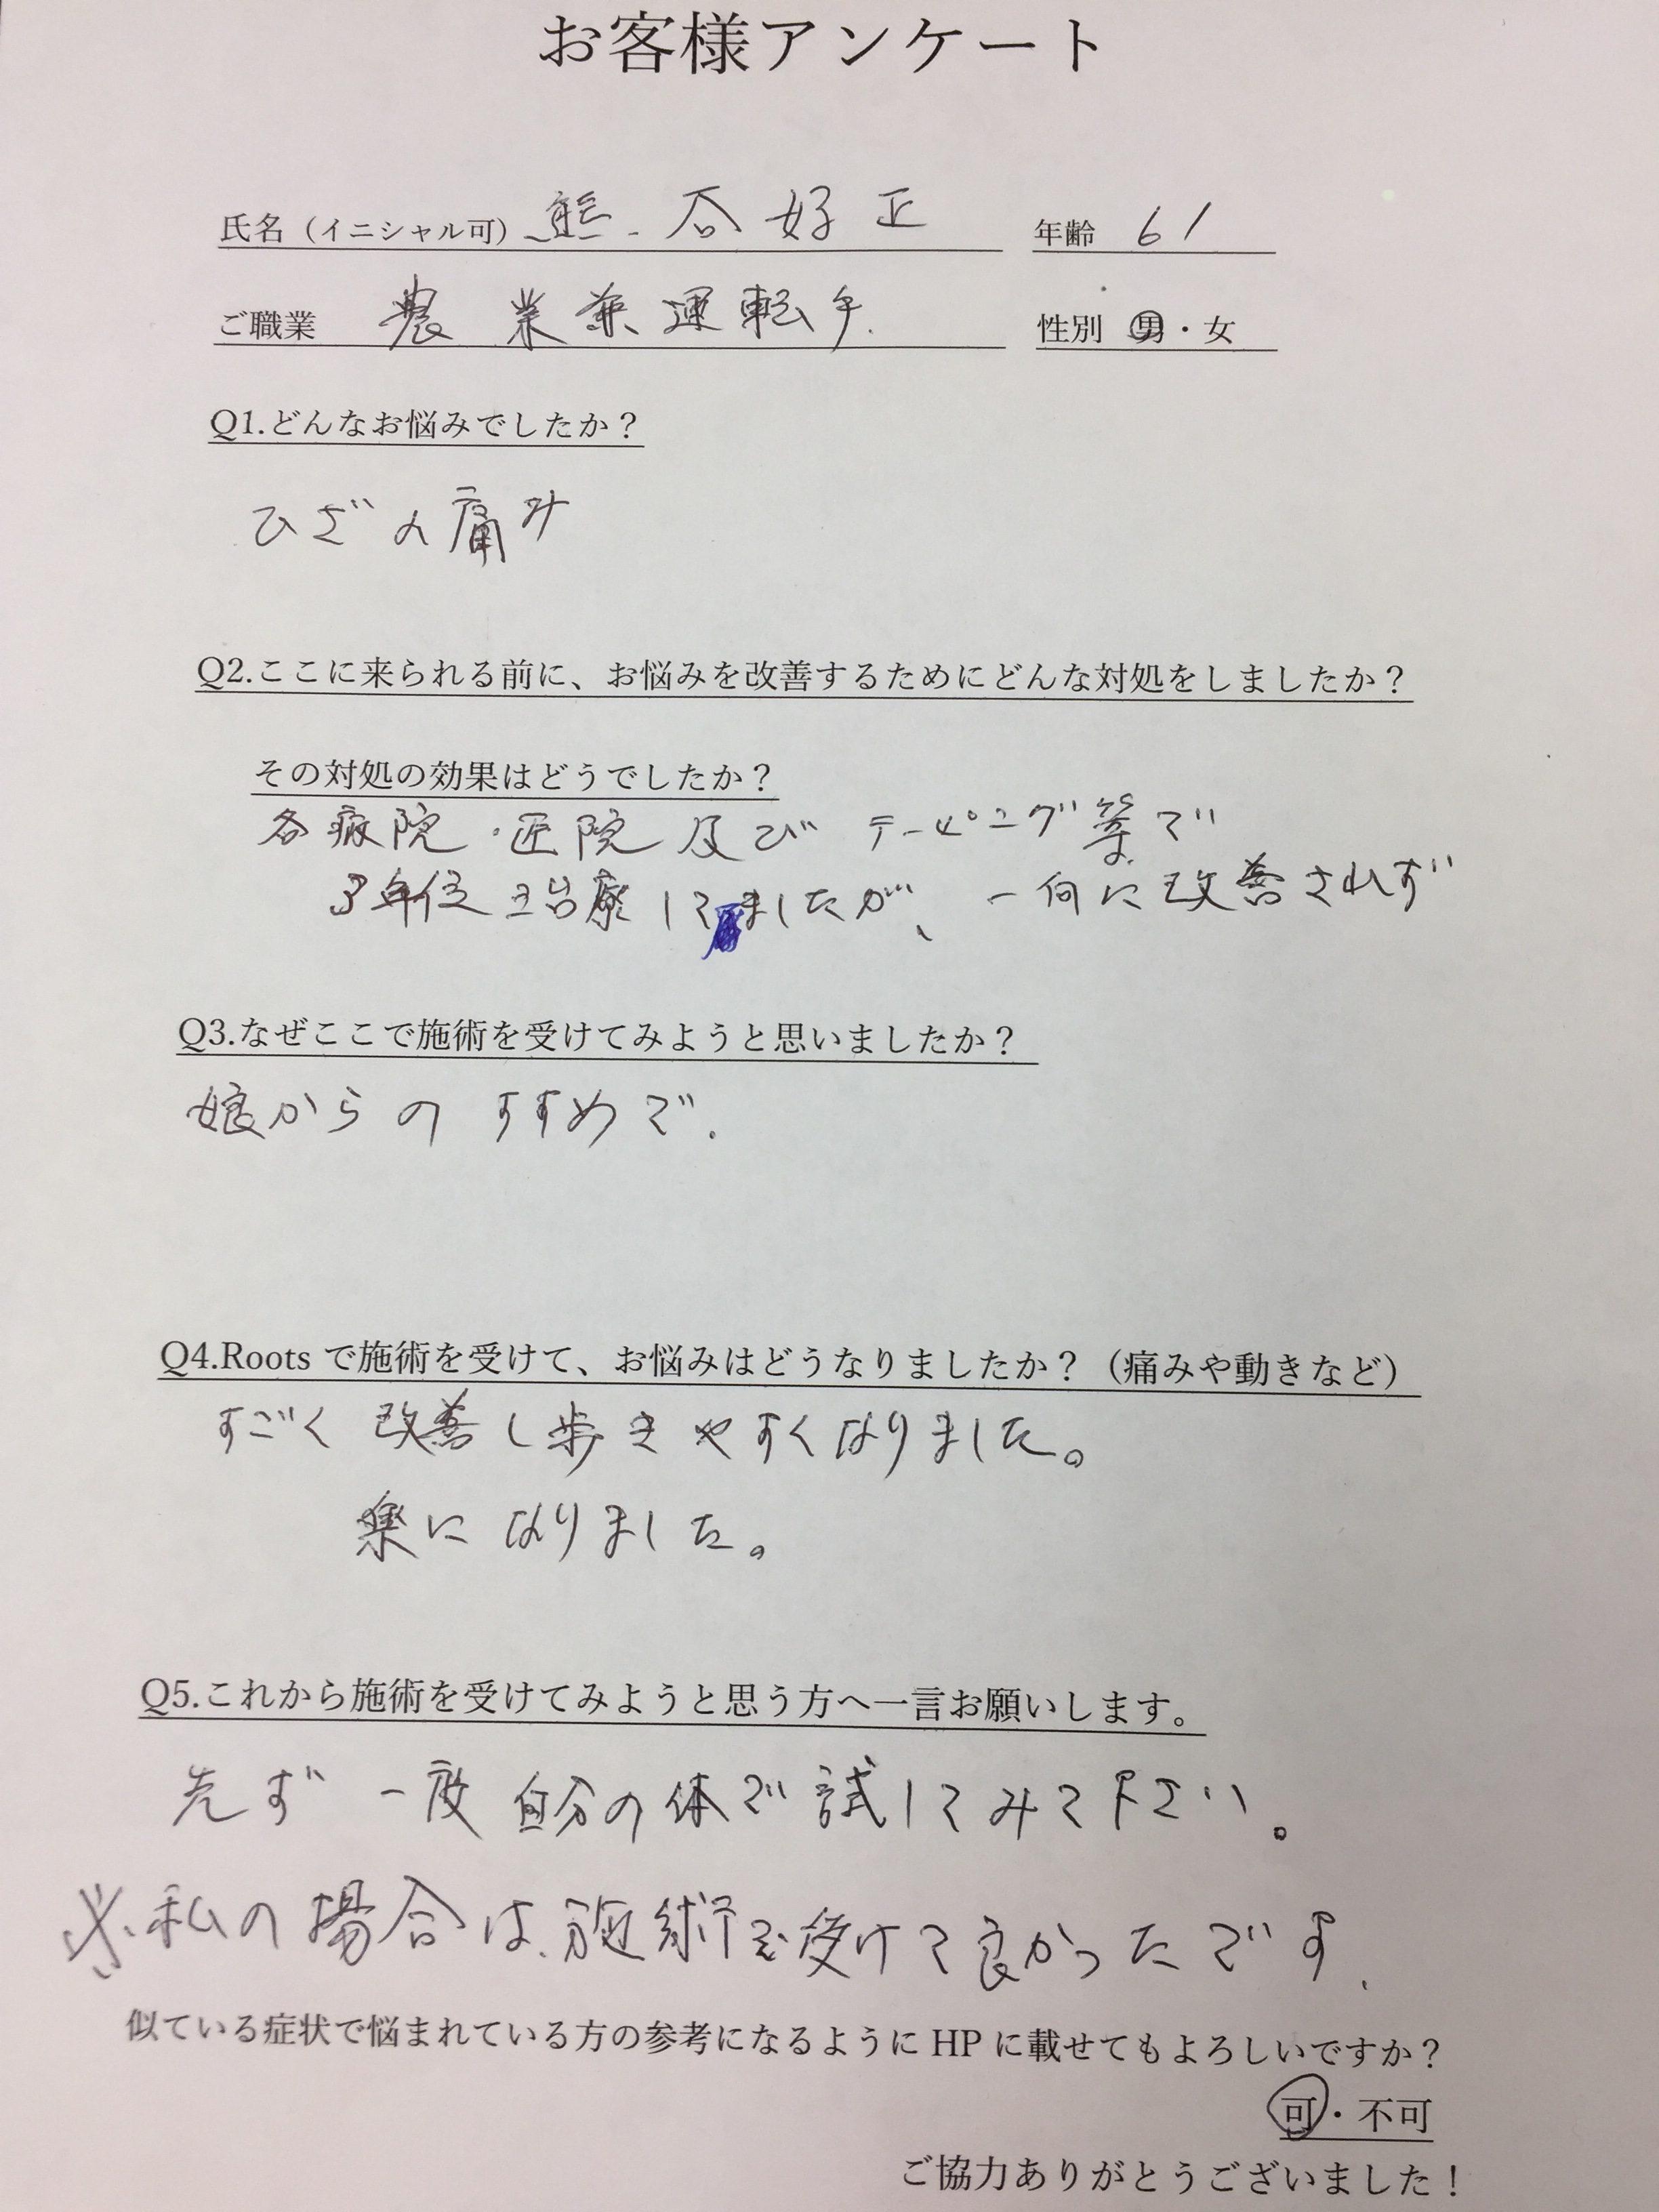 仙台市青葉区の整体で変形性膝関節症を施術した結果